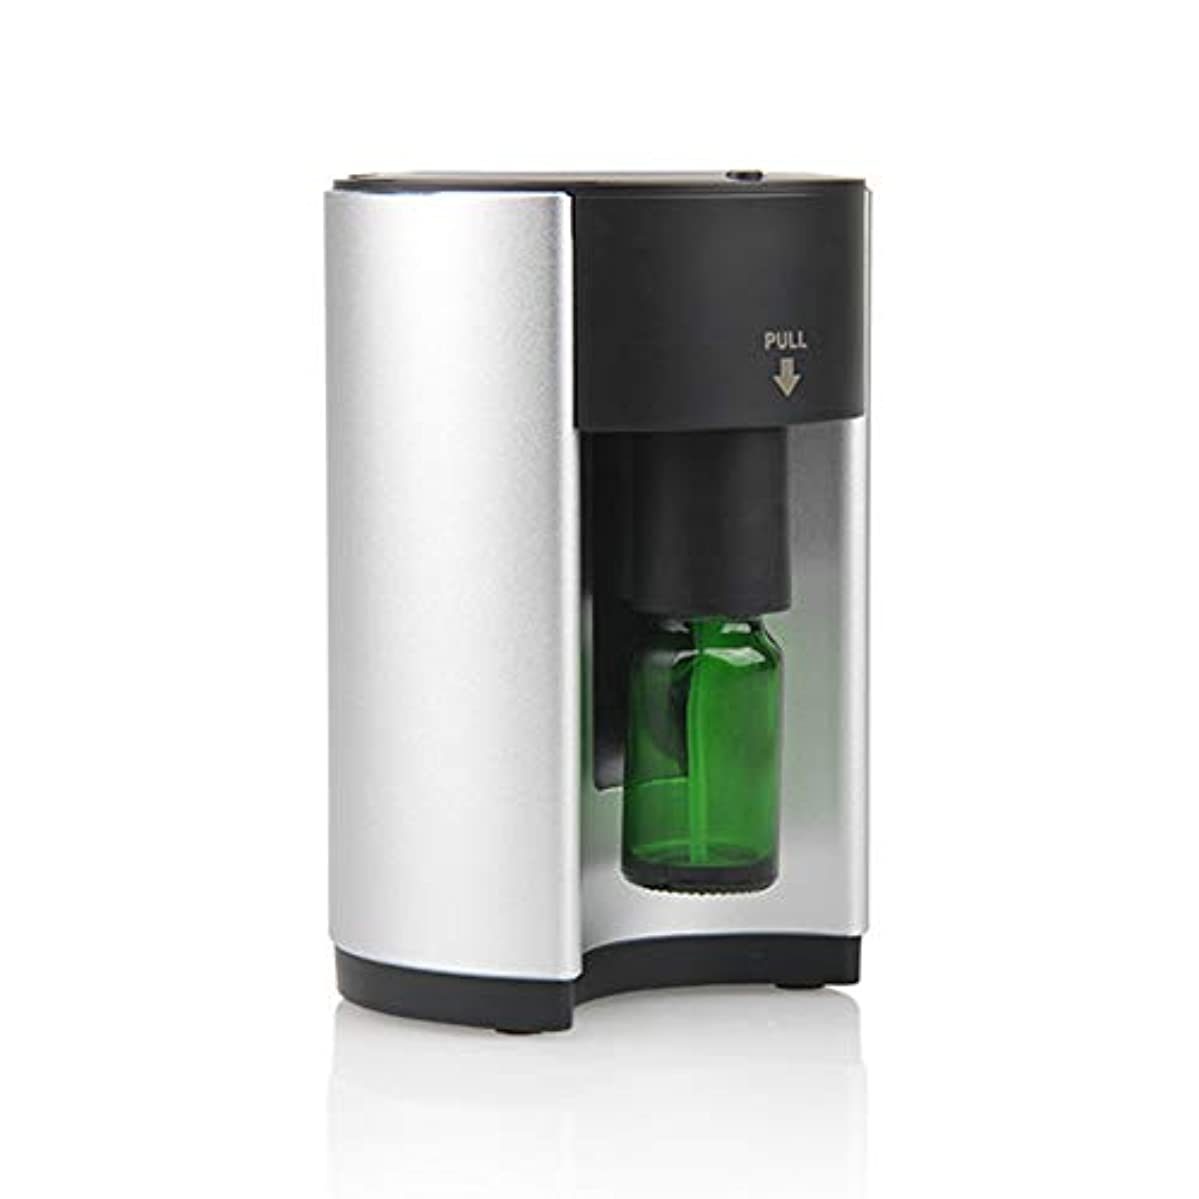 ちょっと待ってまさにそしてネブライザー式アロマディフューザー 3個専用精油瓶付き ネブライザー式 アロマ芳香器 タイマー機能付き ヨガ室 ホテル 店舗 人気 タイマー機能 (シルバー)